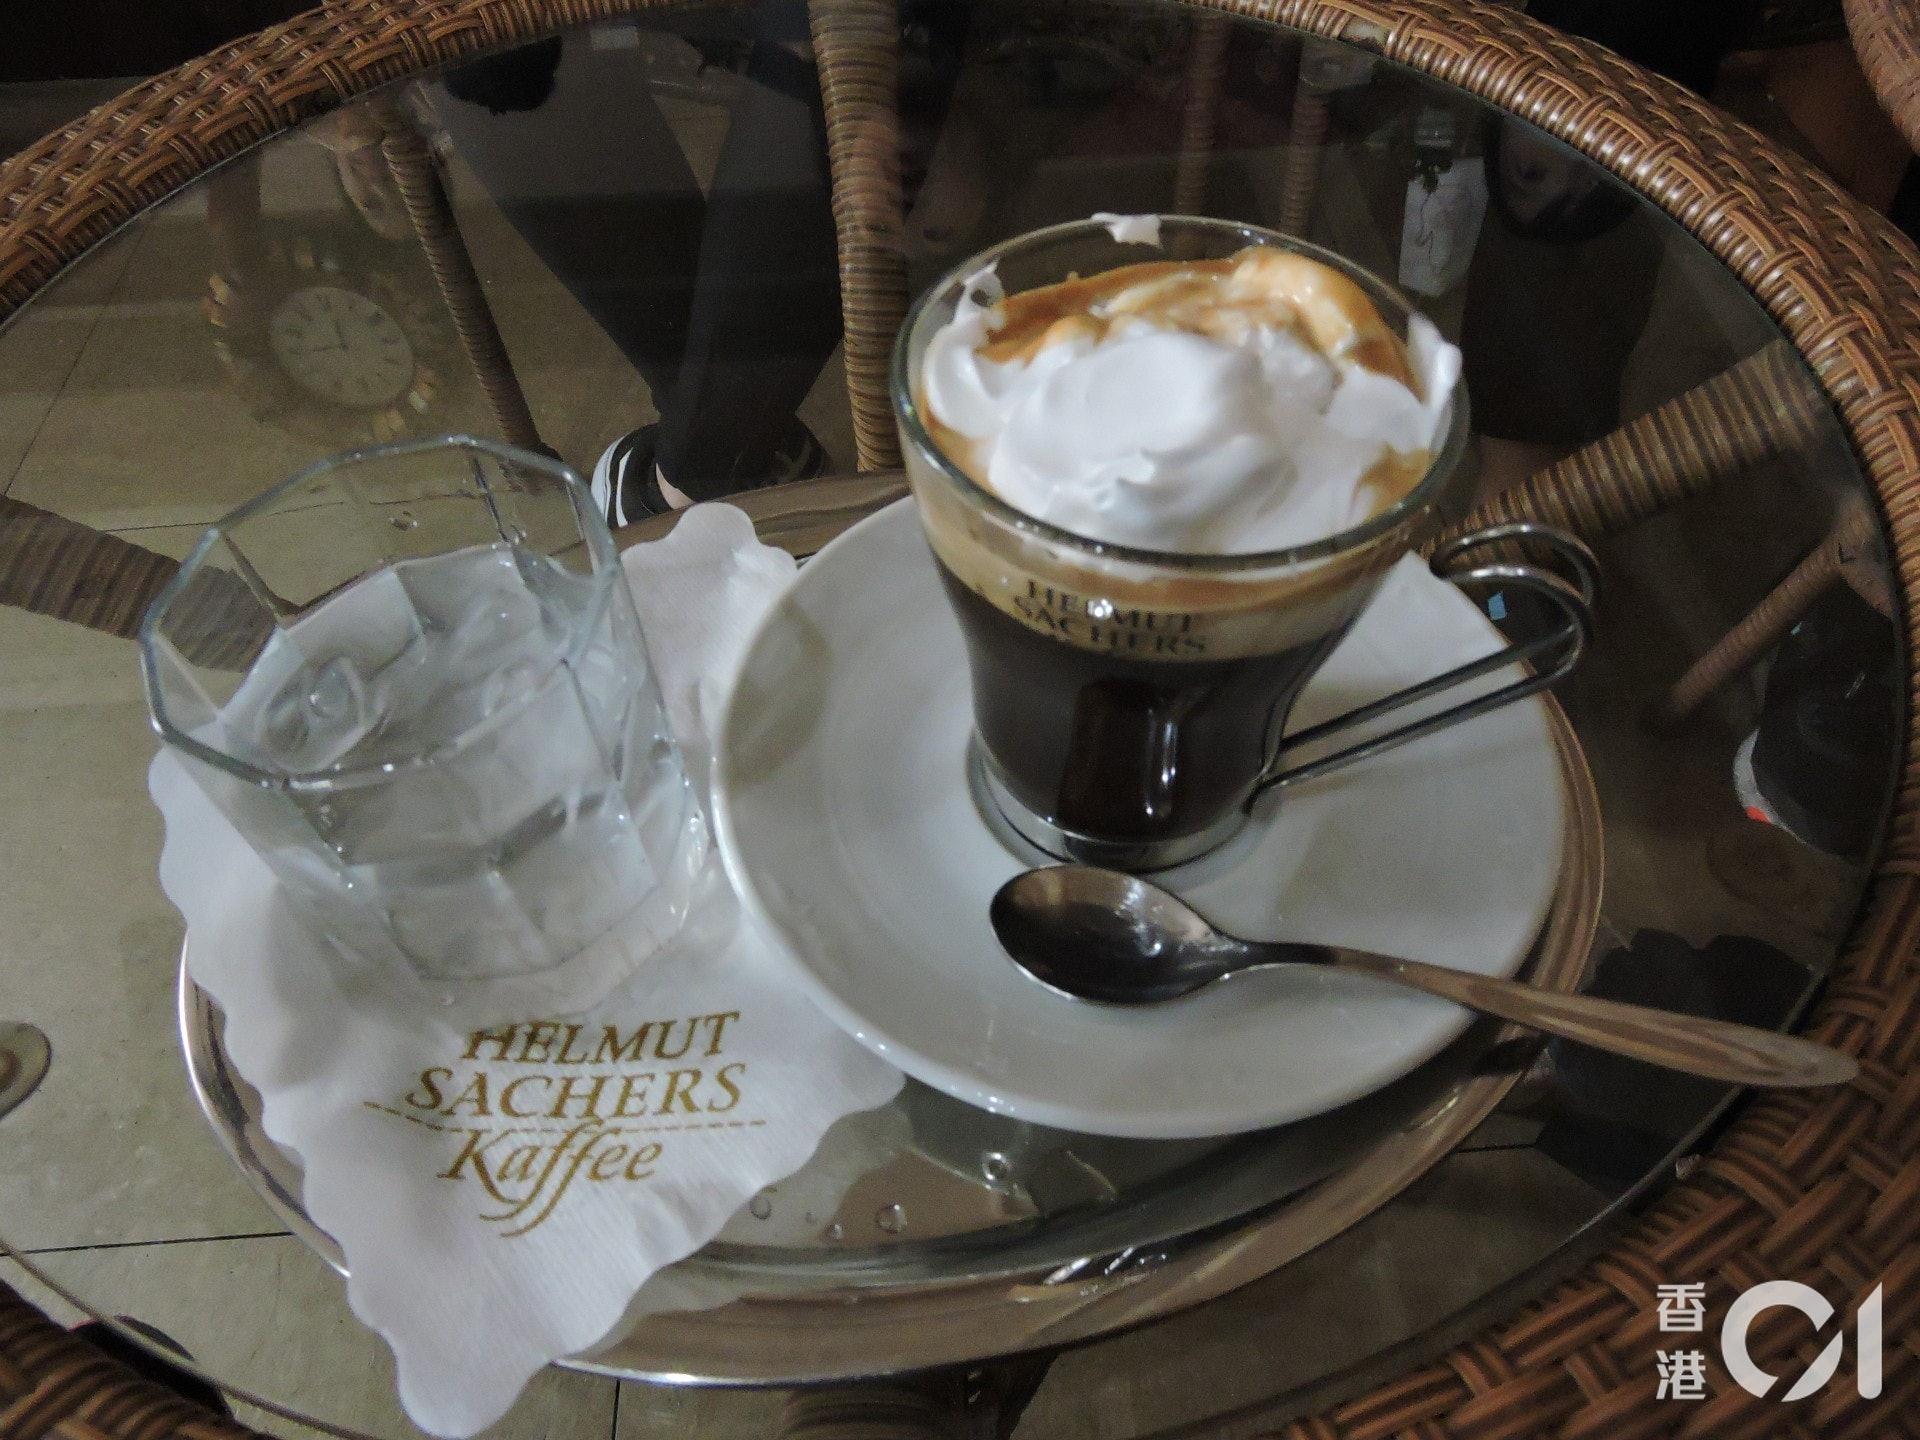 西式咖啡館可嘗到的特色咖啡,導遊指咖啡豆大多是進口的。(歐陽翠詩攝)